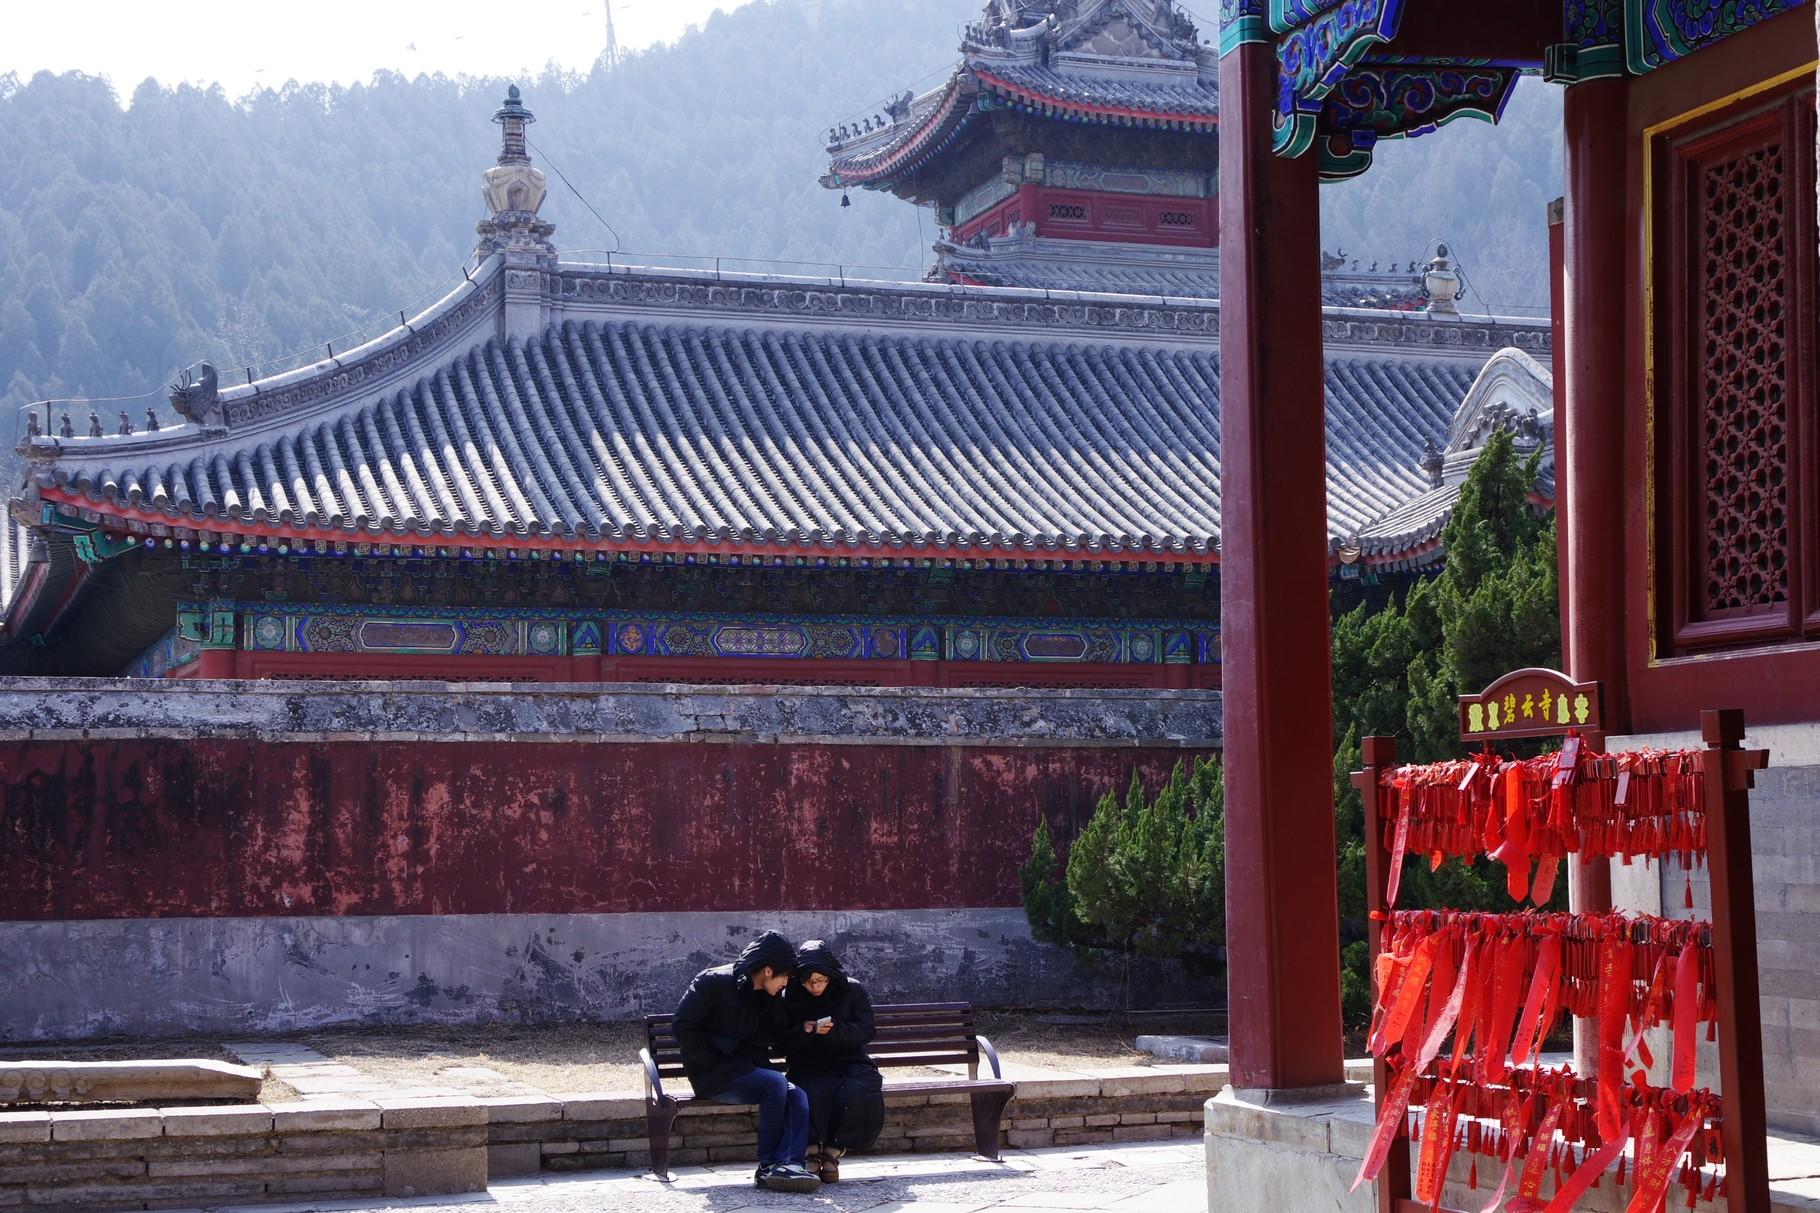 中心軸の南側にある五百羅漢堂